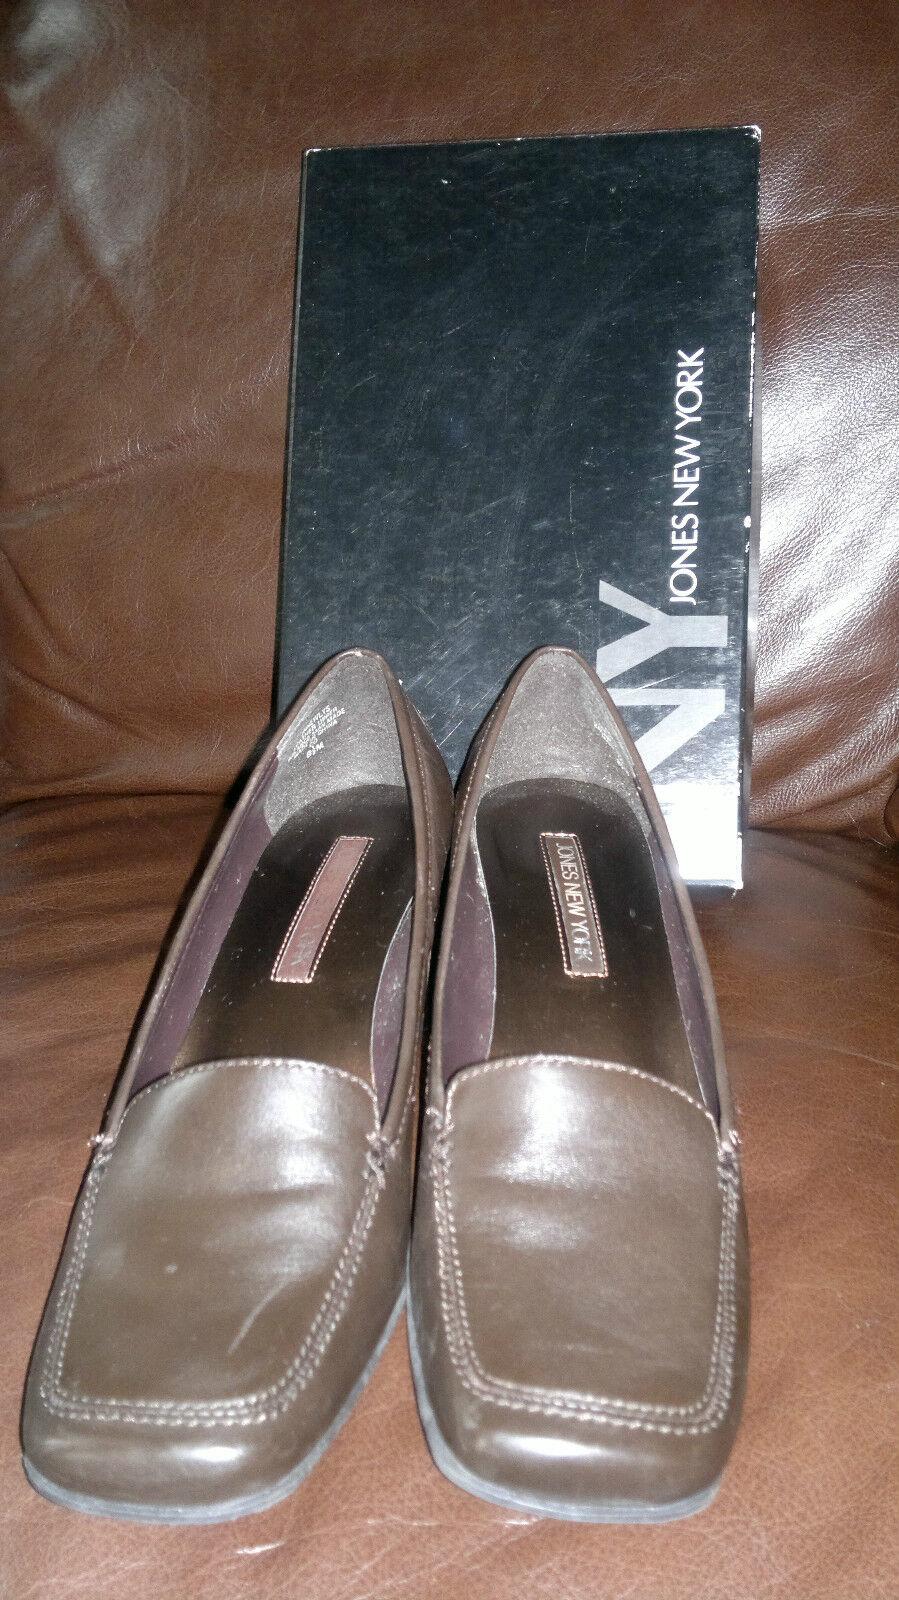 Jones New York brown leather block heel court shoes  -  uk  6.5(US 8.5M EU 39)